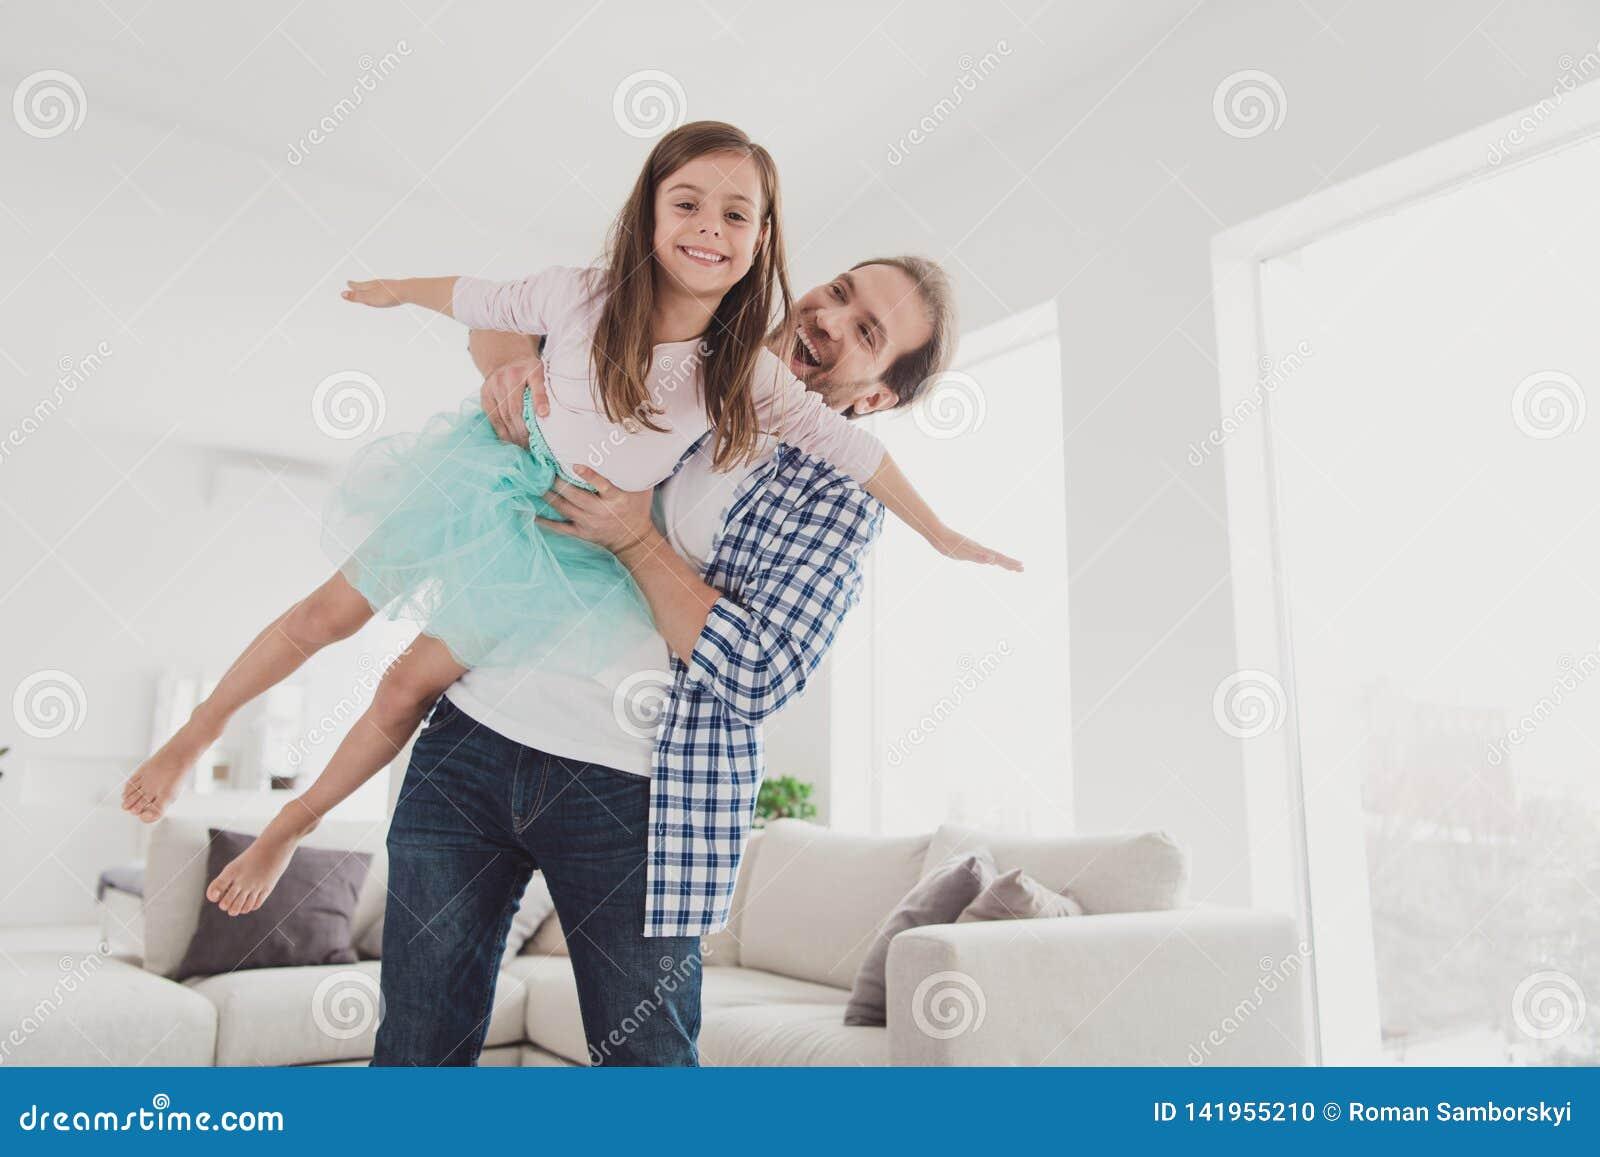 Κλείστε επάνω τη φωτογραφία λίγη αυτή το κορίτσι της όμορφο αυτός αυτός η πριγκήπισσα λαβής πατέρων του όπως την ευτυχή ένδυση τη